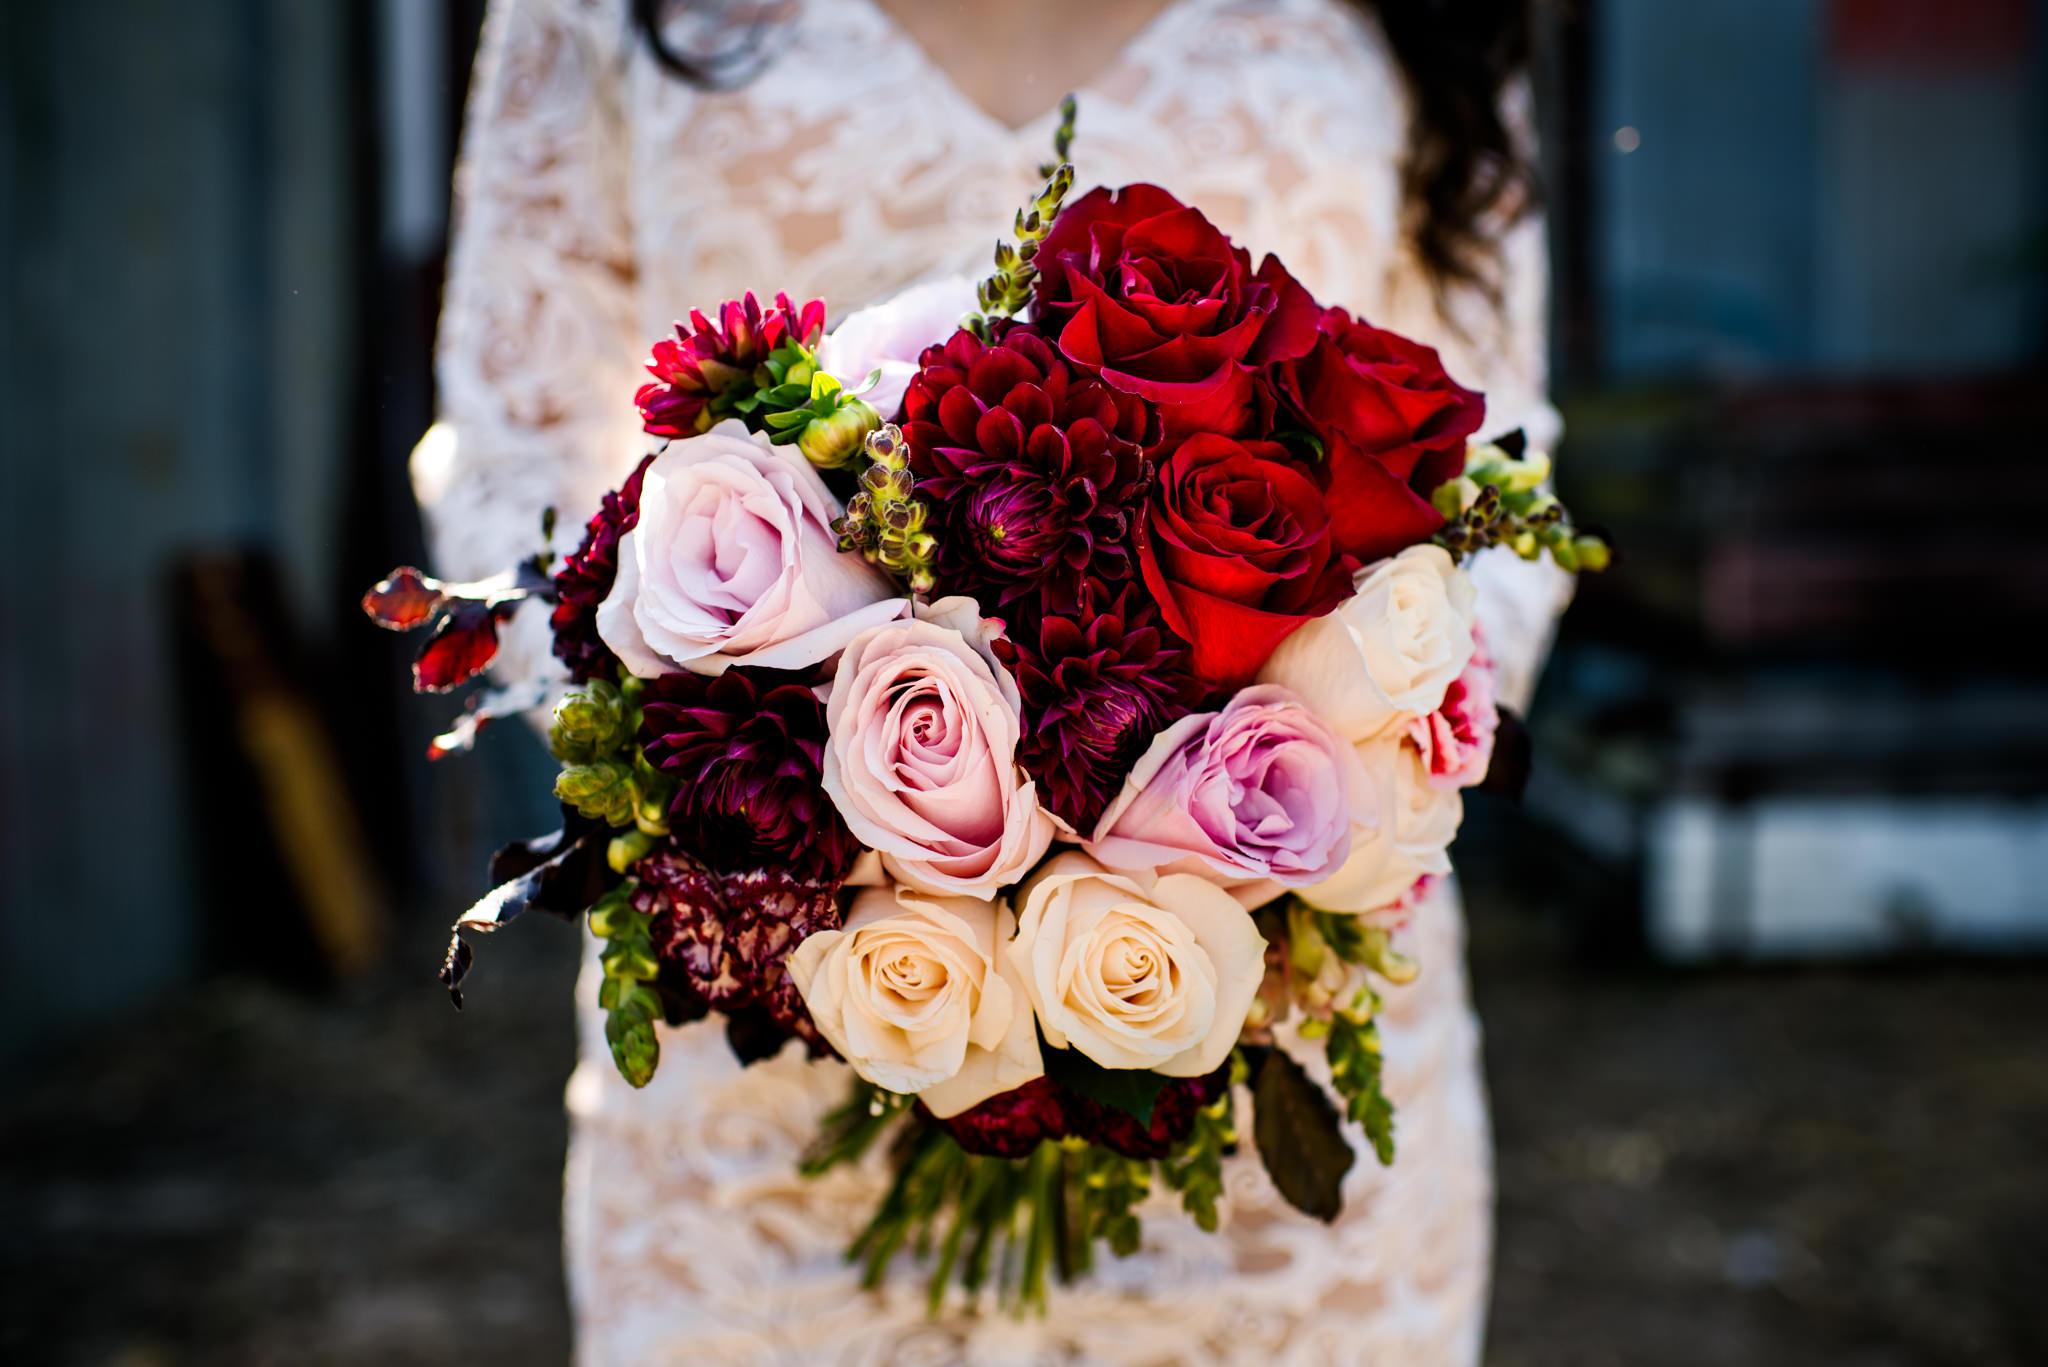 Vintage wedding bouquet.jpg